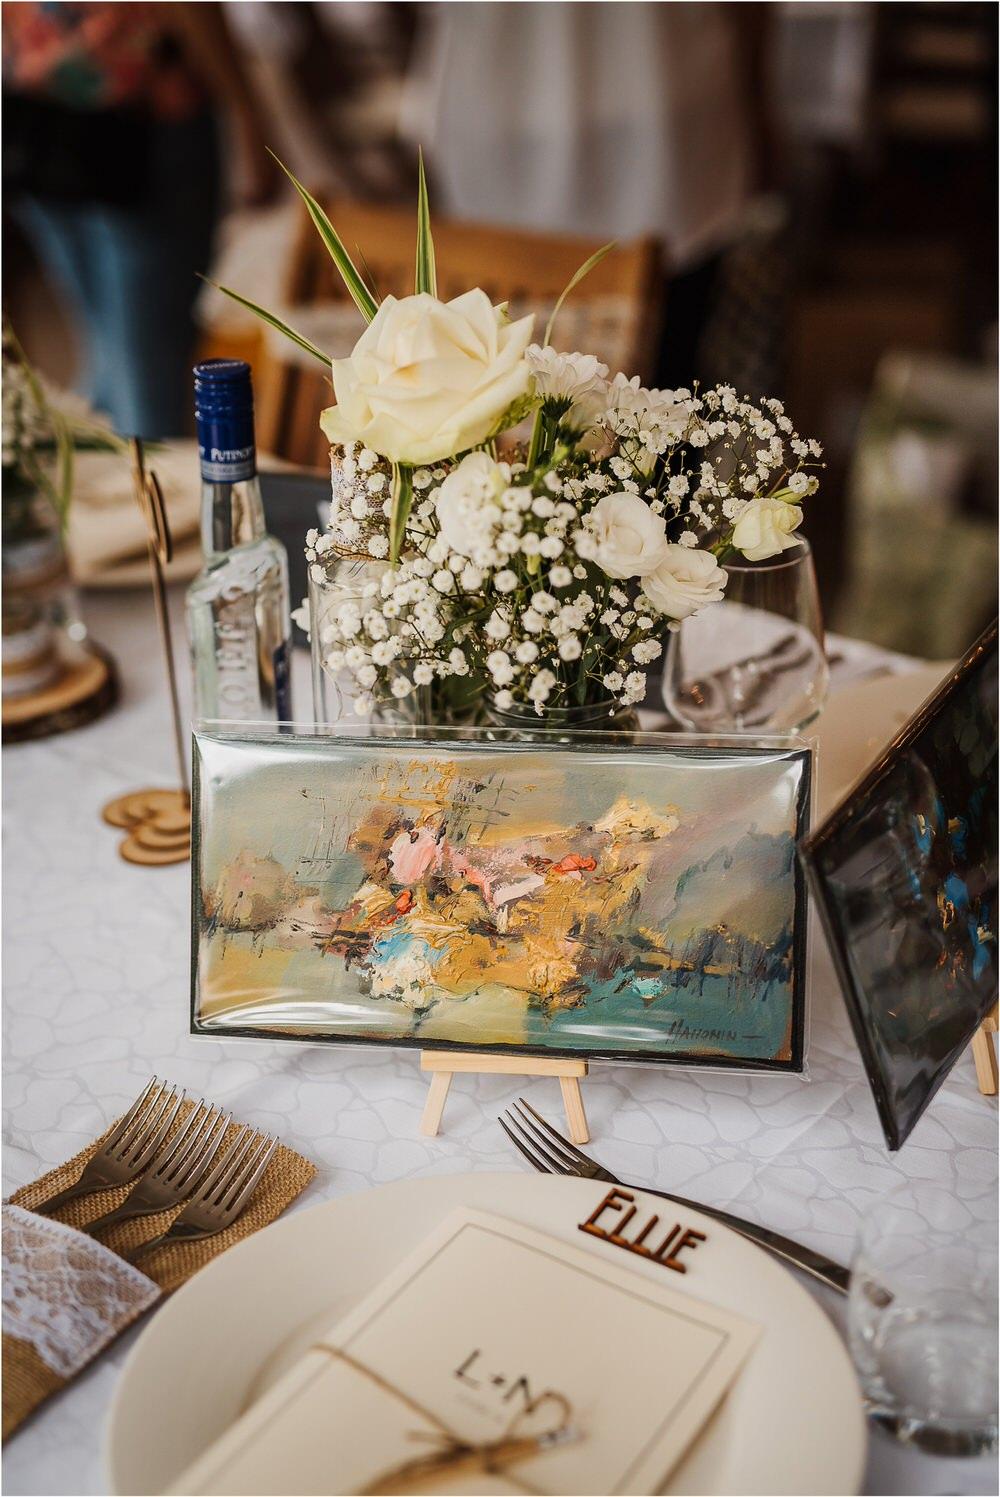 bohinj lake wedding boho chic rustic poroka bohinjsko jezero rustikalna fotograf fotografiranje poročni 0010.jpg